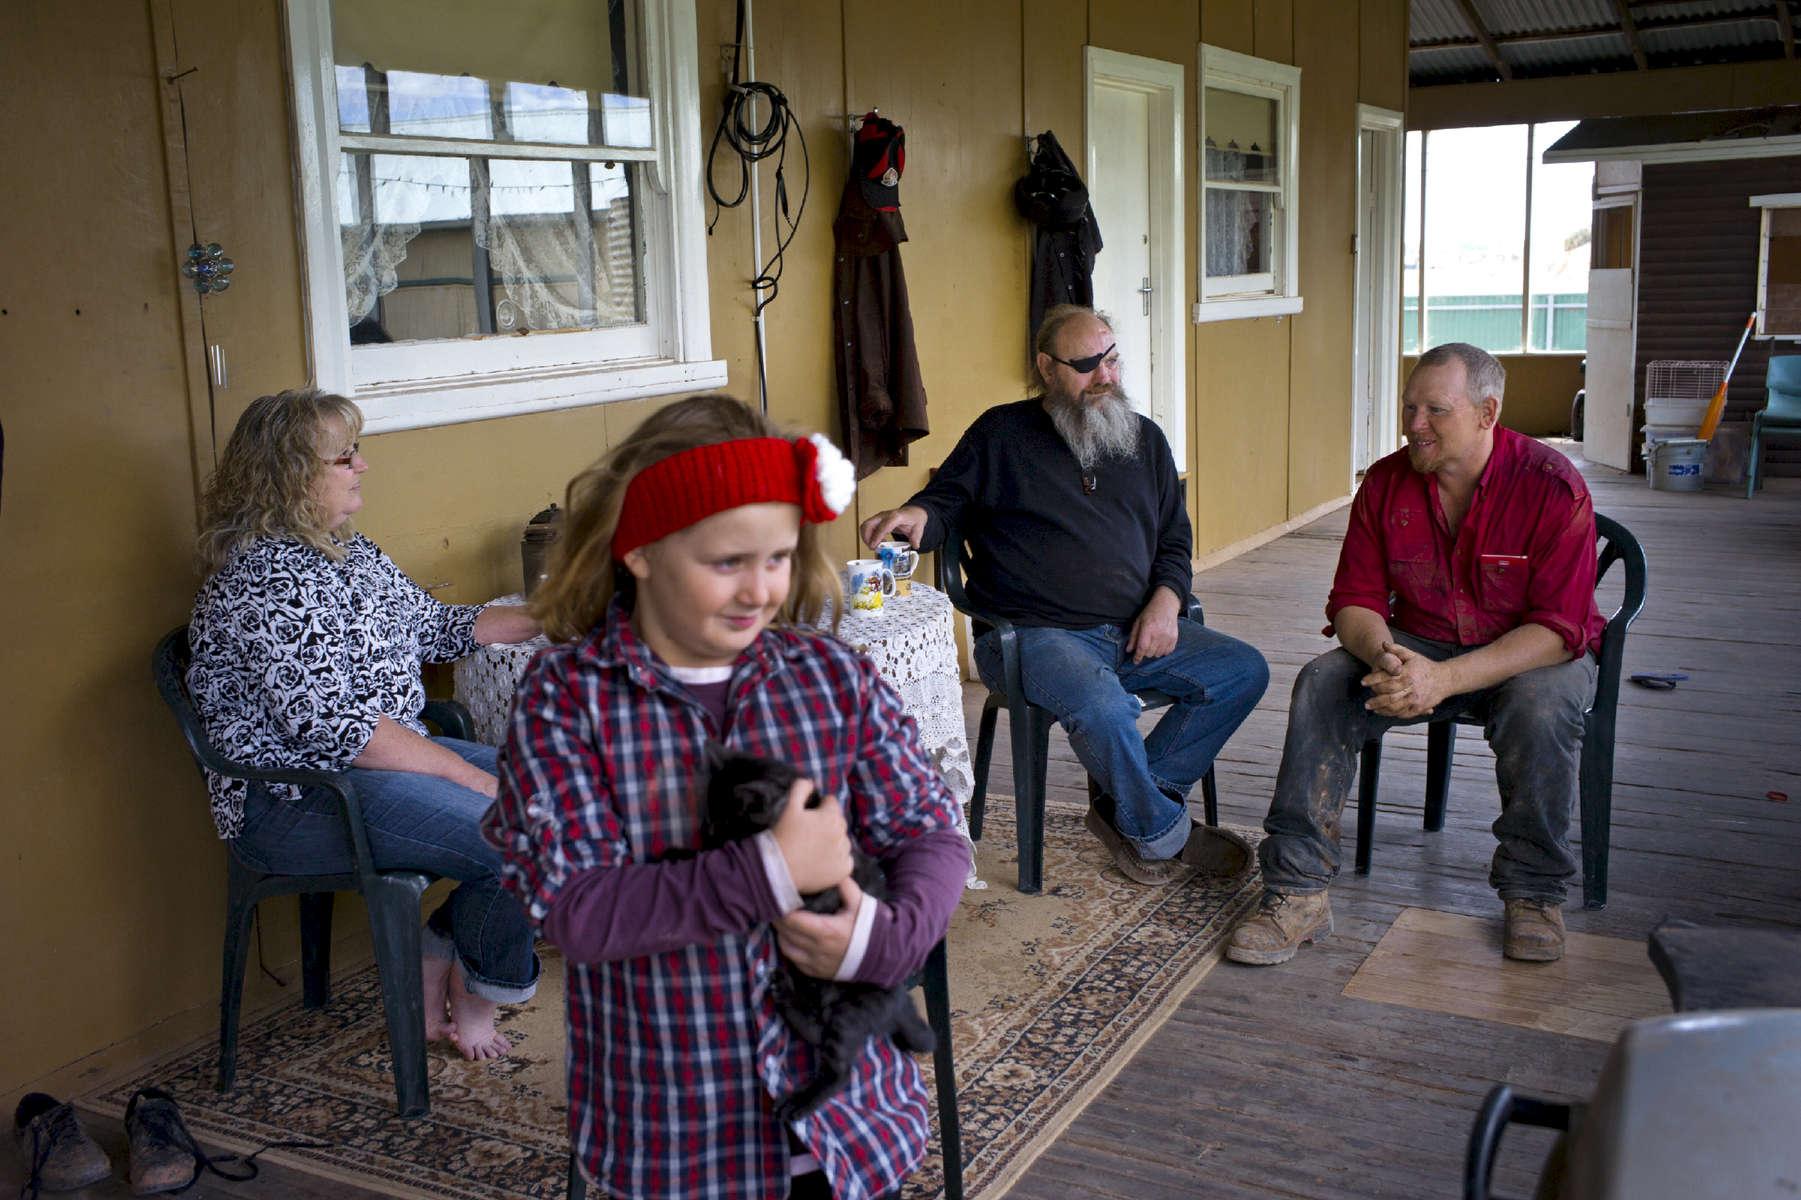 Le facteur, Micke (au centre) est venu amener le courrier à la famille Creed. L'occasion d'échanger quelques nouvelles de la ville la plus proche White Cliffs. Nouvelles Galle du Sud, Australie, 2011.